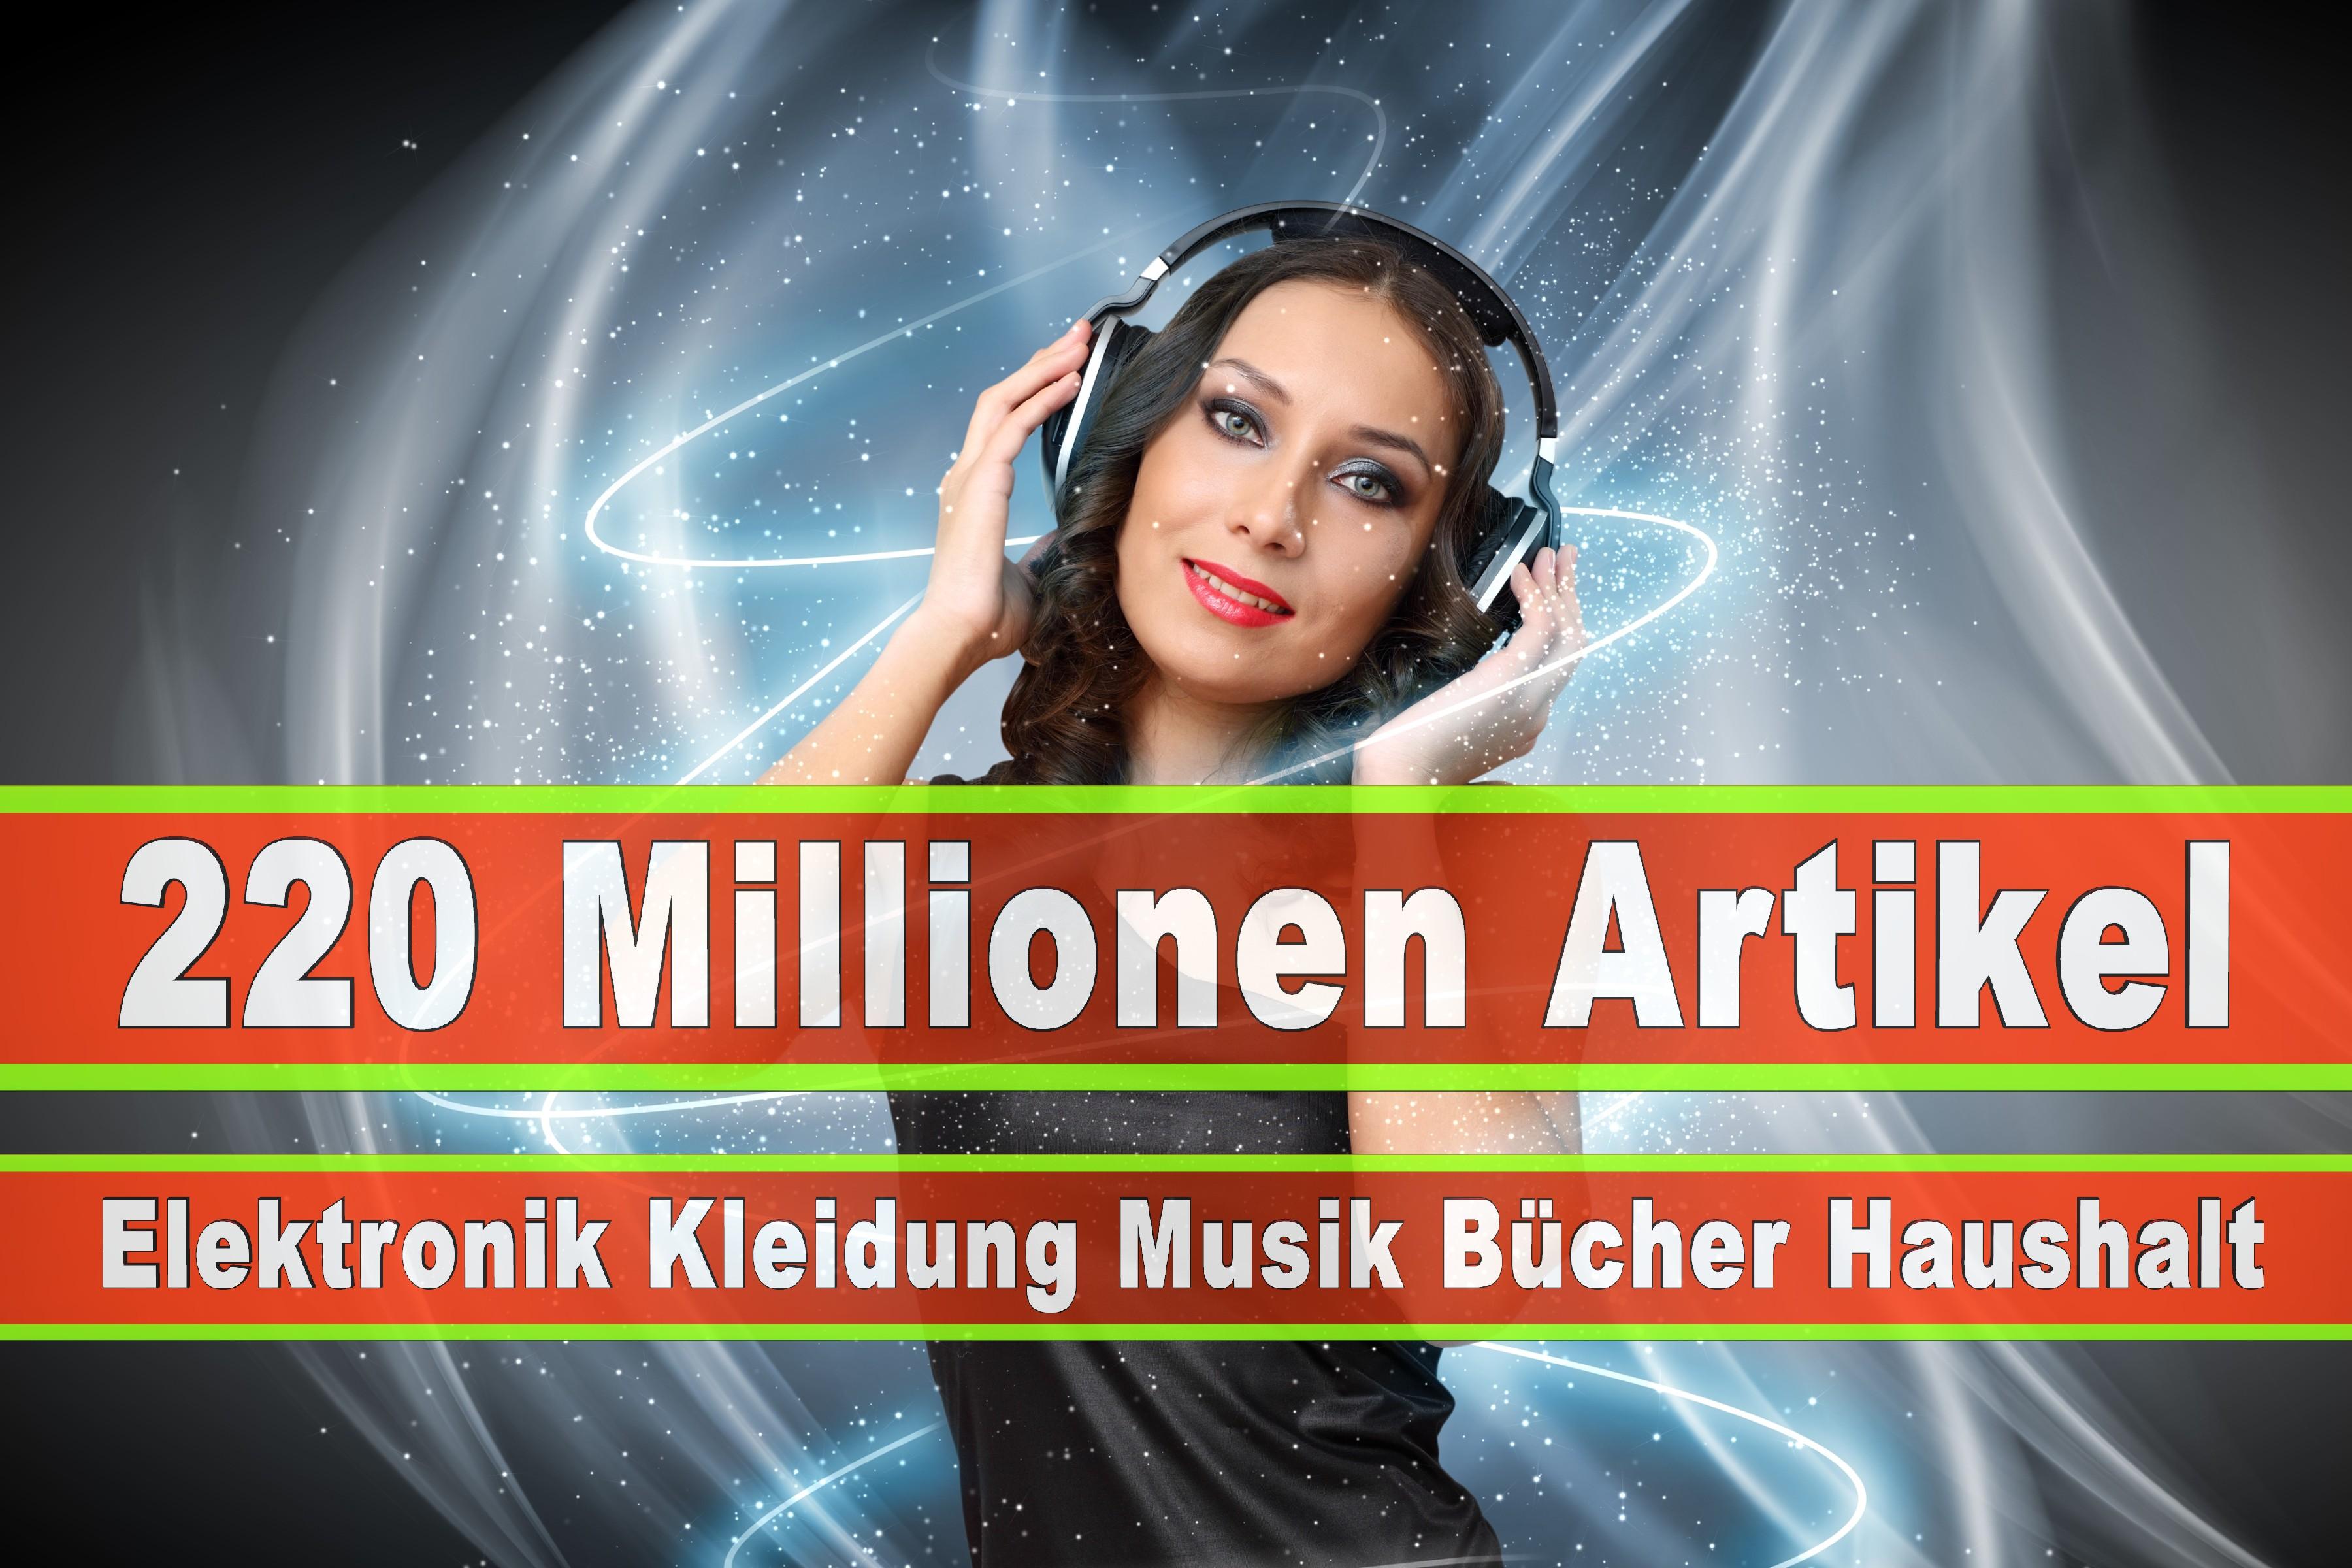 Amazon Elektronik Musik Haushalt Bücher CD DVD Handys Smartphones TV Television Fernseher Kleidung Mode Ebay Versandhaus (82)